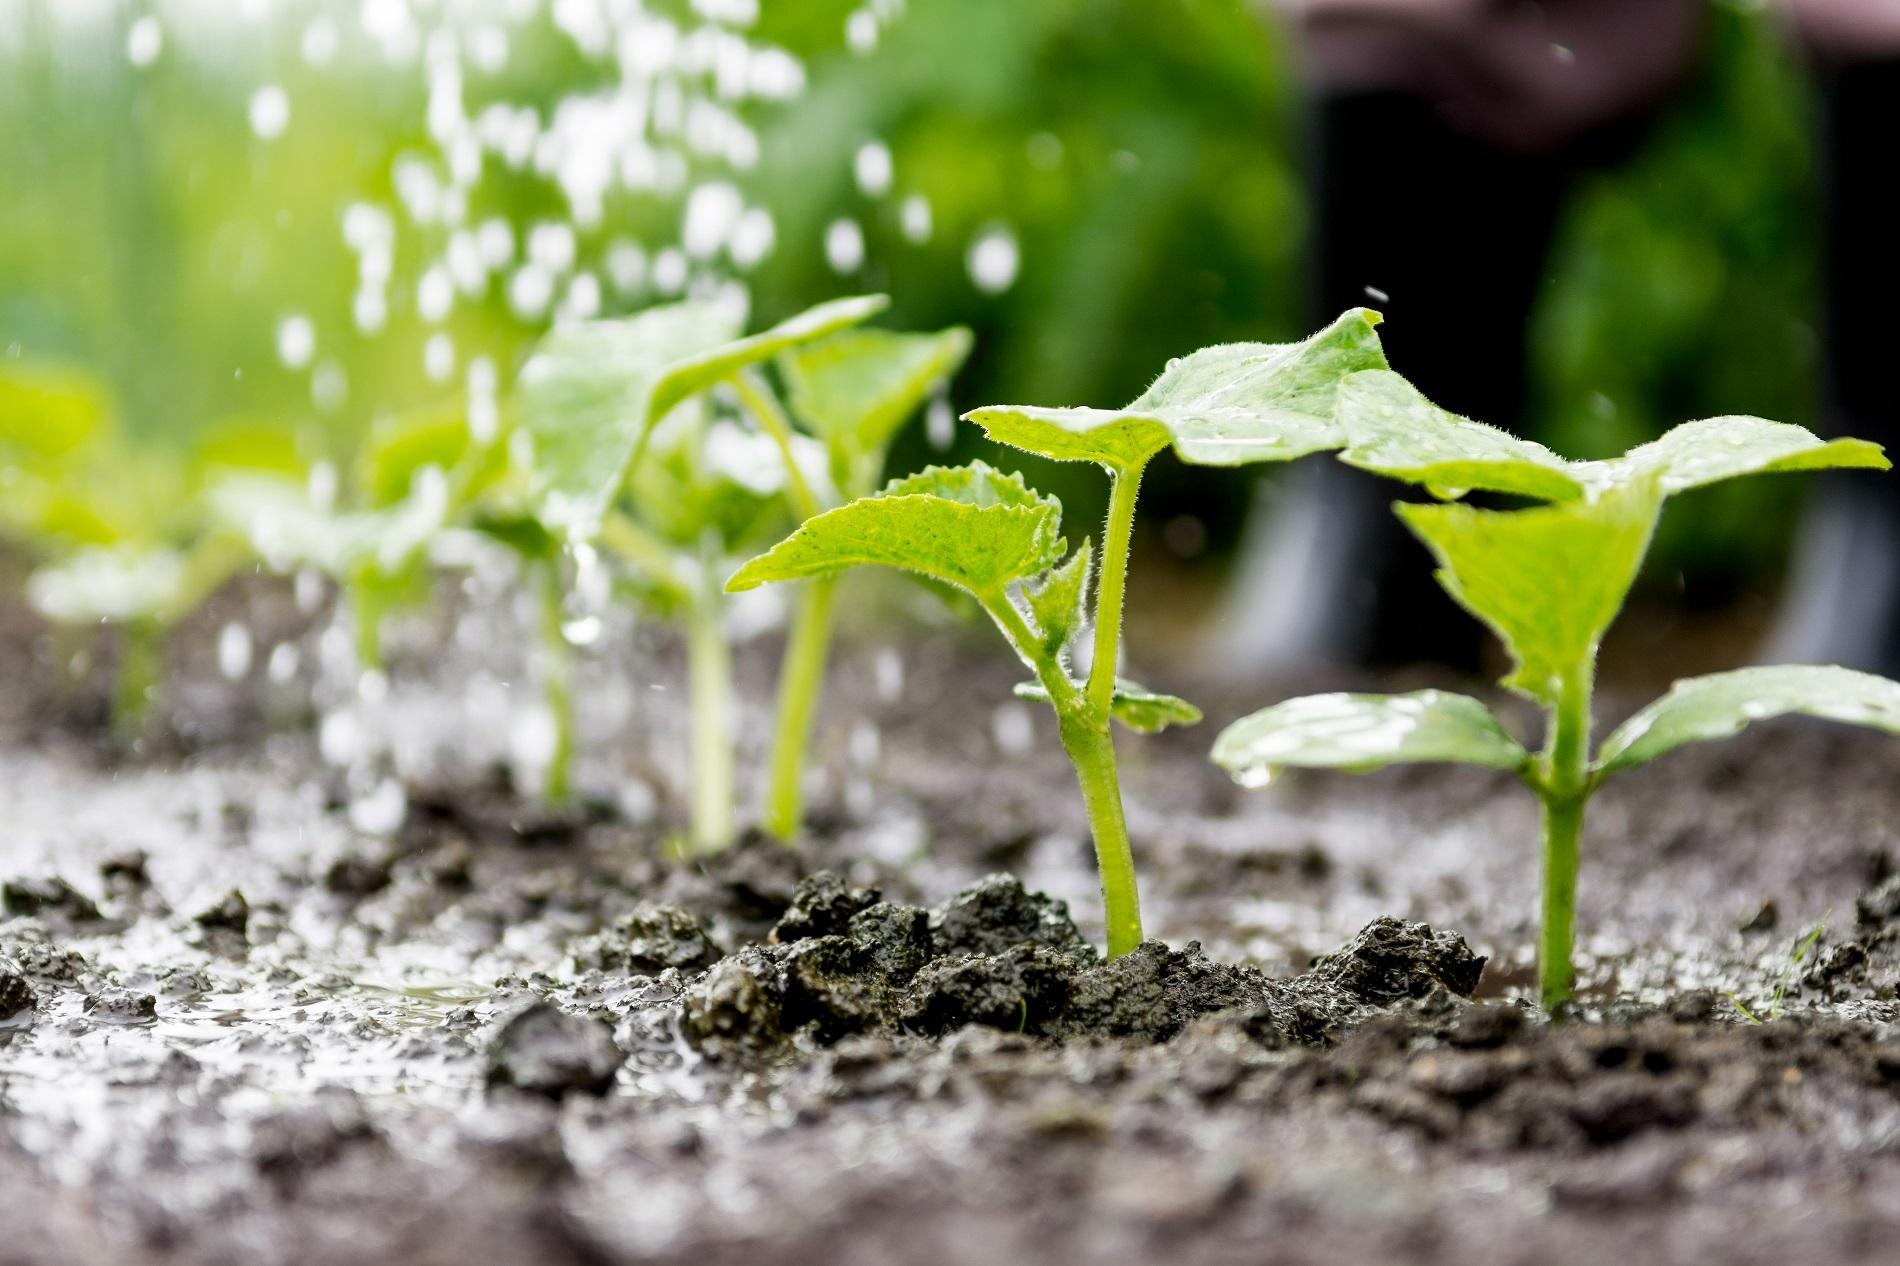 5 factores clave para proteger las masas de agua presentes en tu parcela agrícola